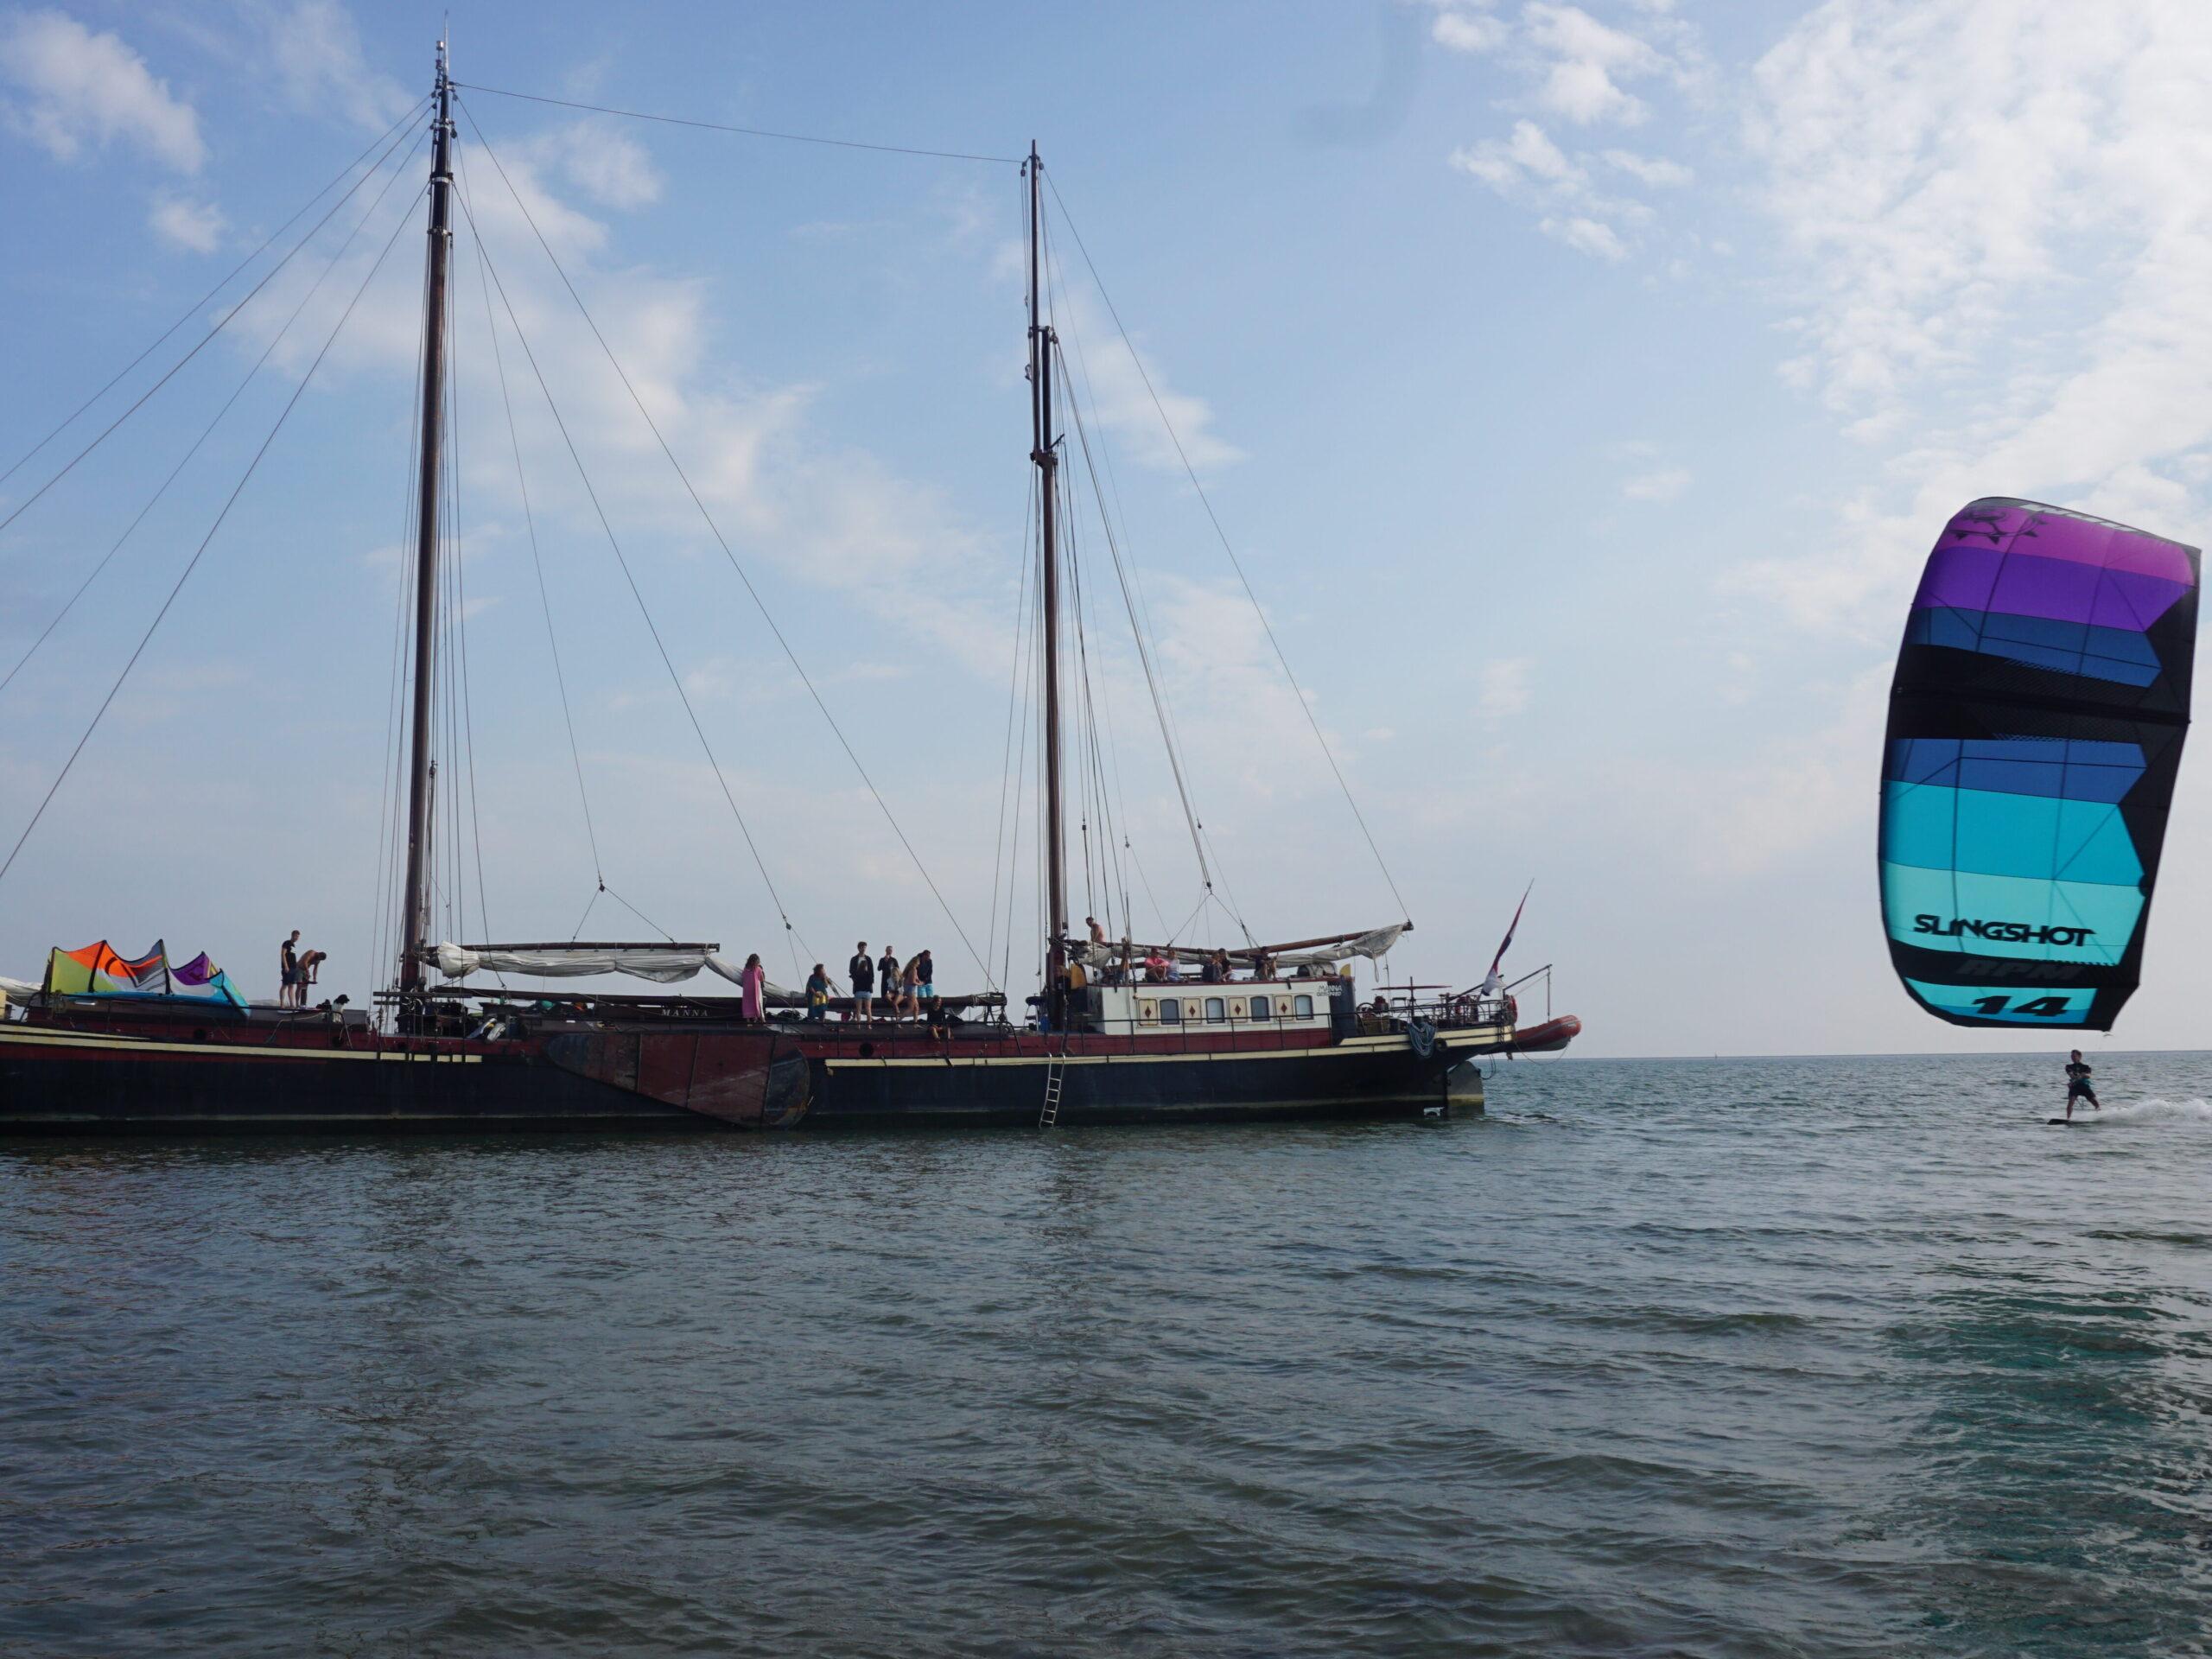 boat-sail-kitesurf